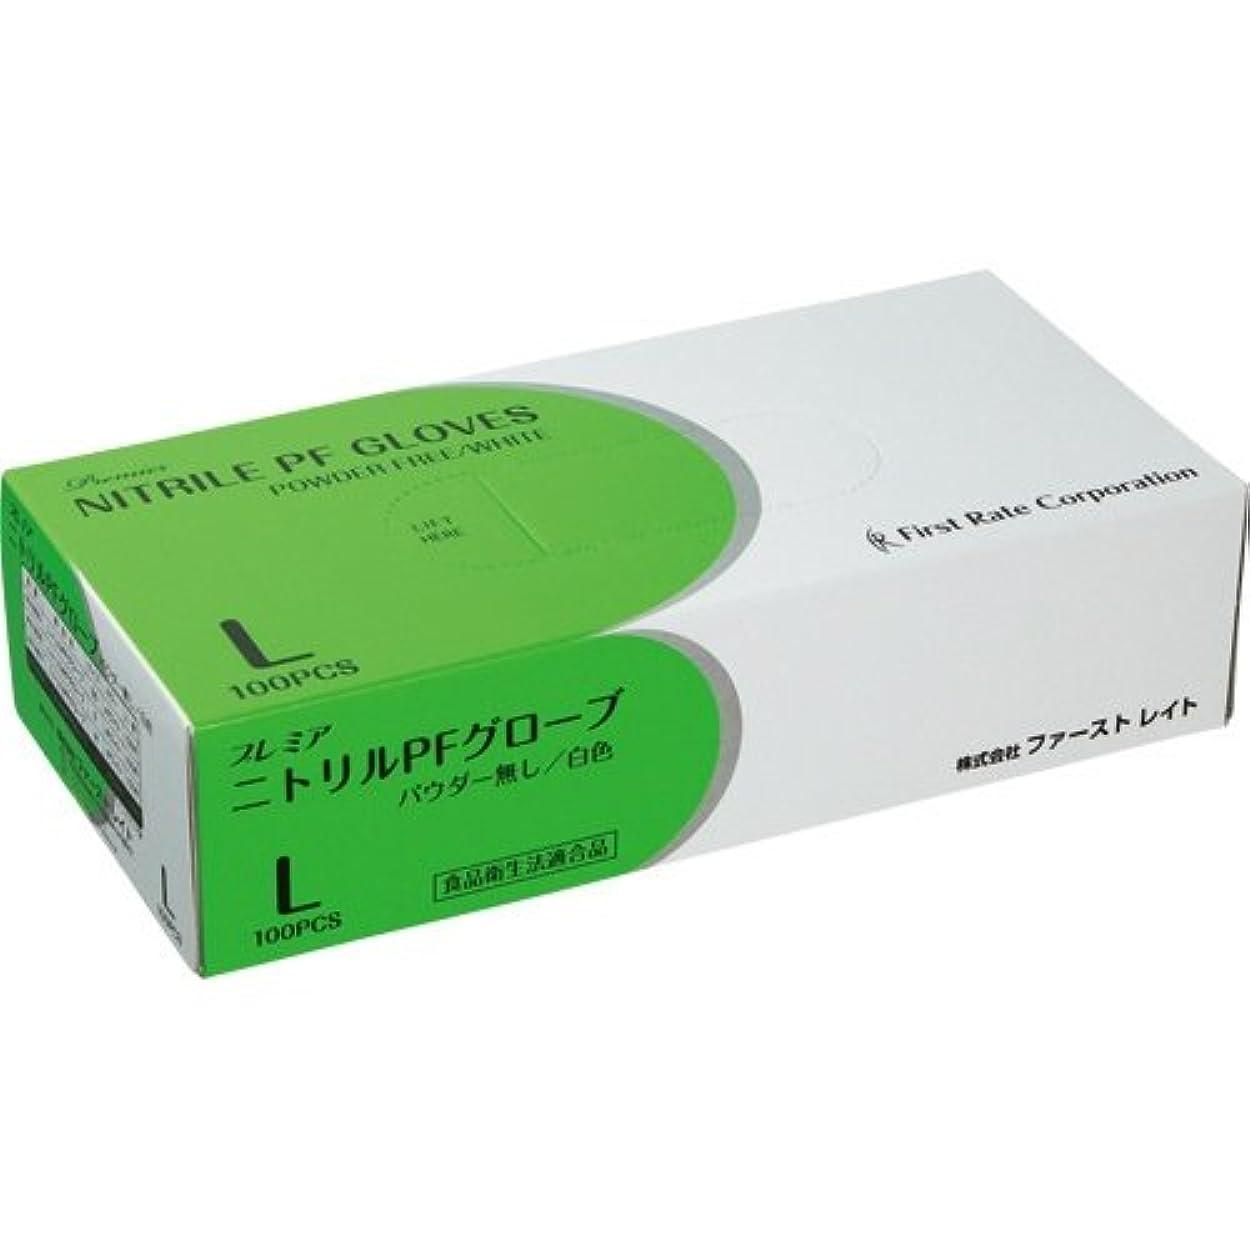 コード取り扱いペレグリネーションファーストレイト プレミアニトリルPFグローブ パウダーフリー ホワイト L FR-858 1セット(1000枚:100枚×10箱)